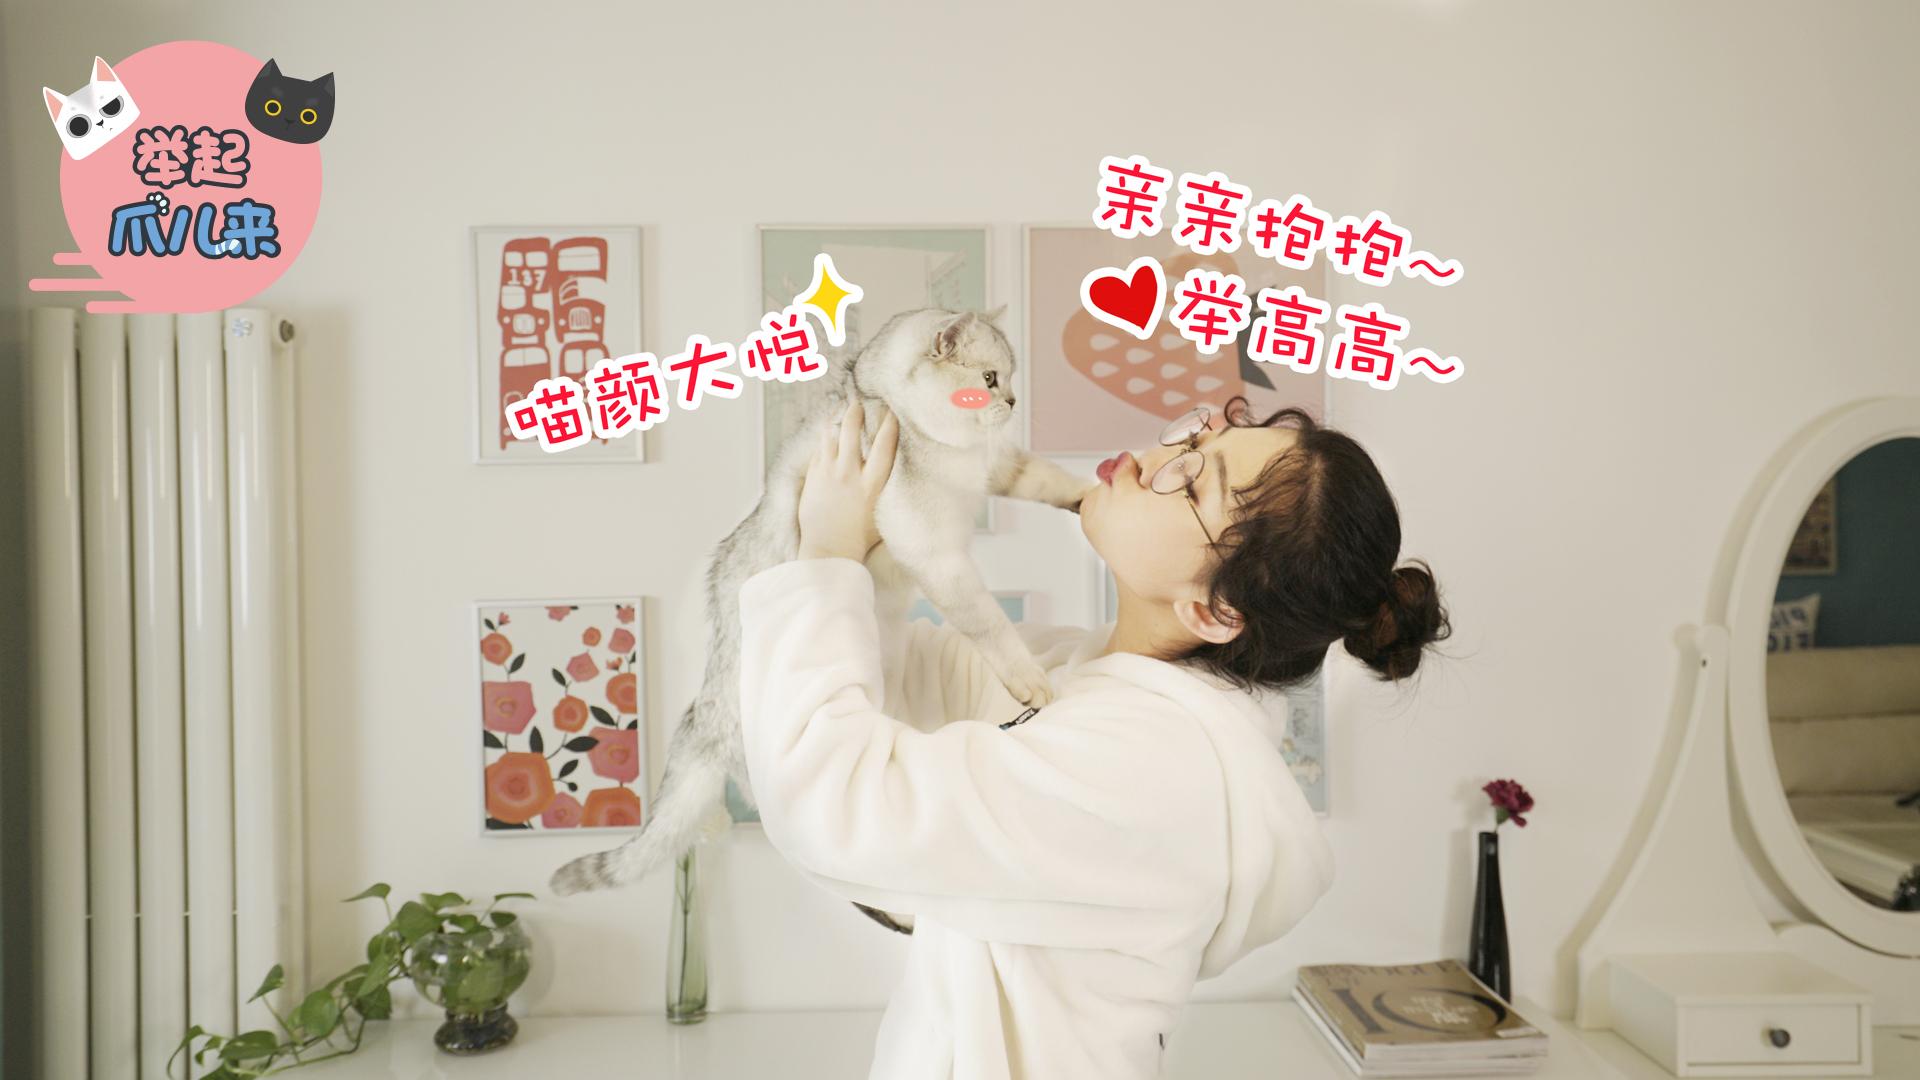 7招让猫主子更开心